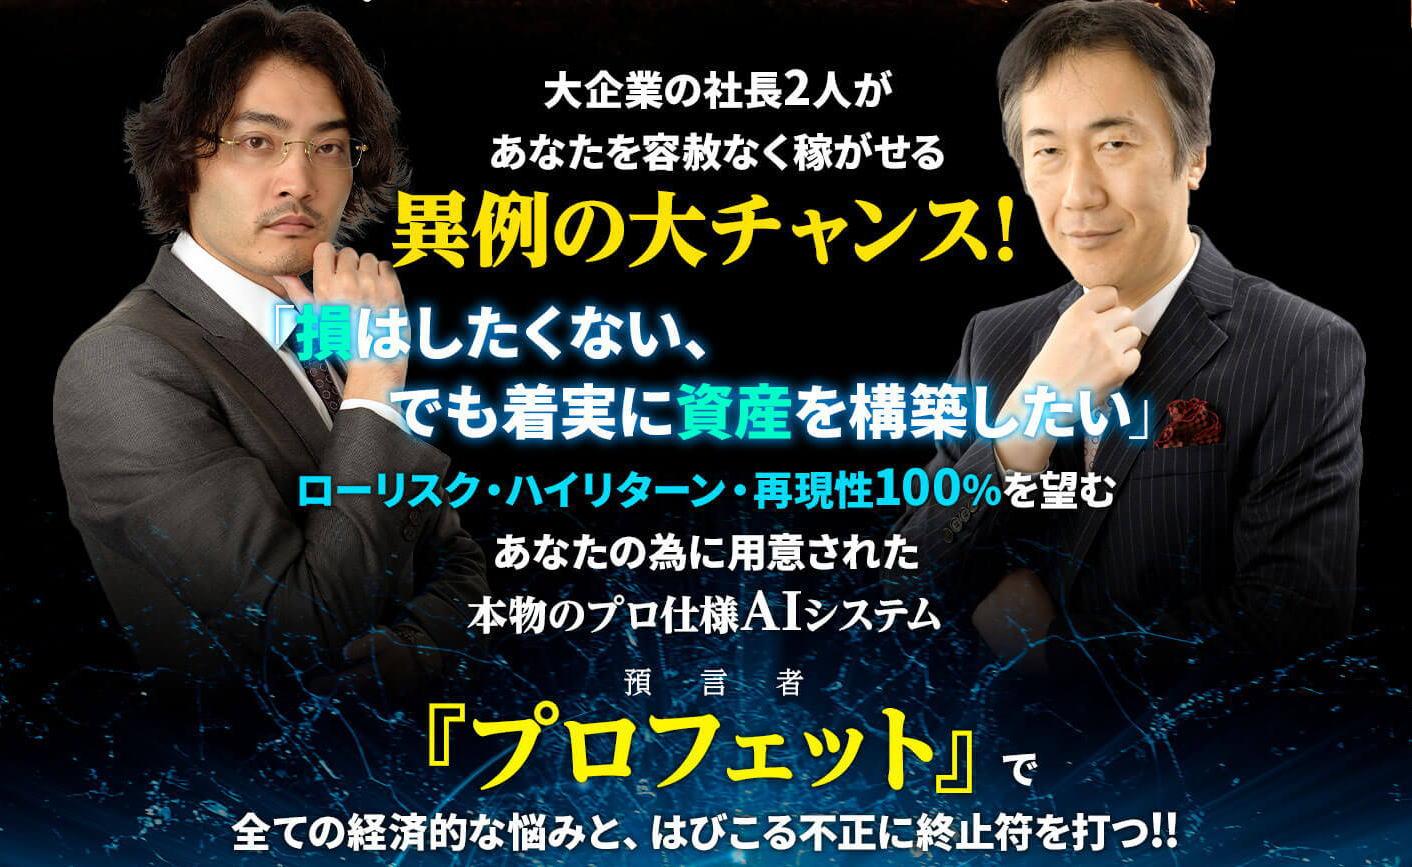 ジョニー阿部氏と丹羽氏のザ・ゲームチェンジャー